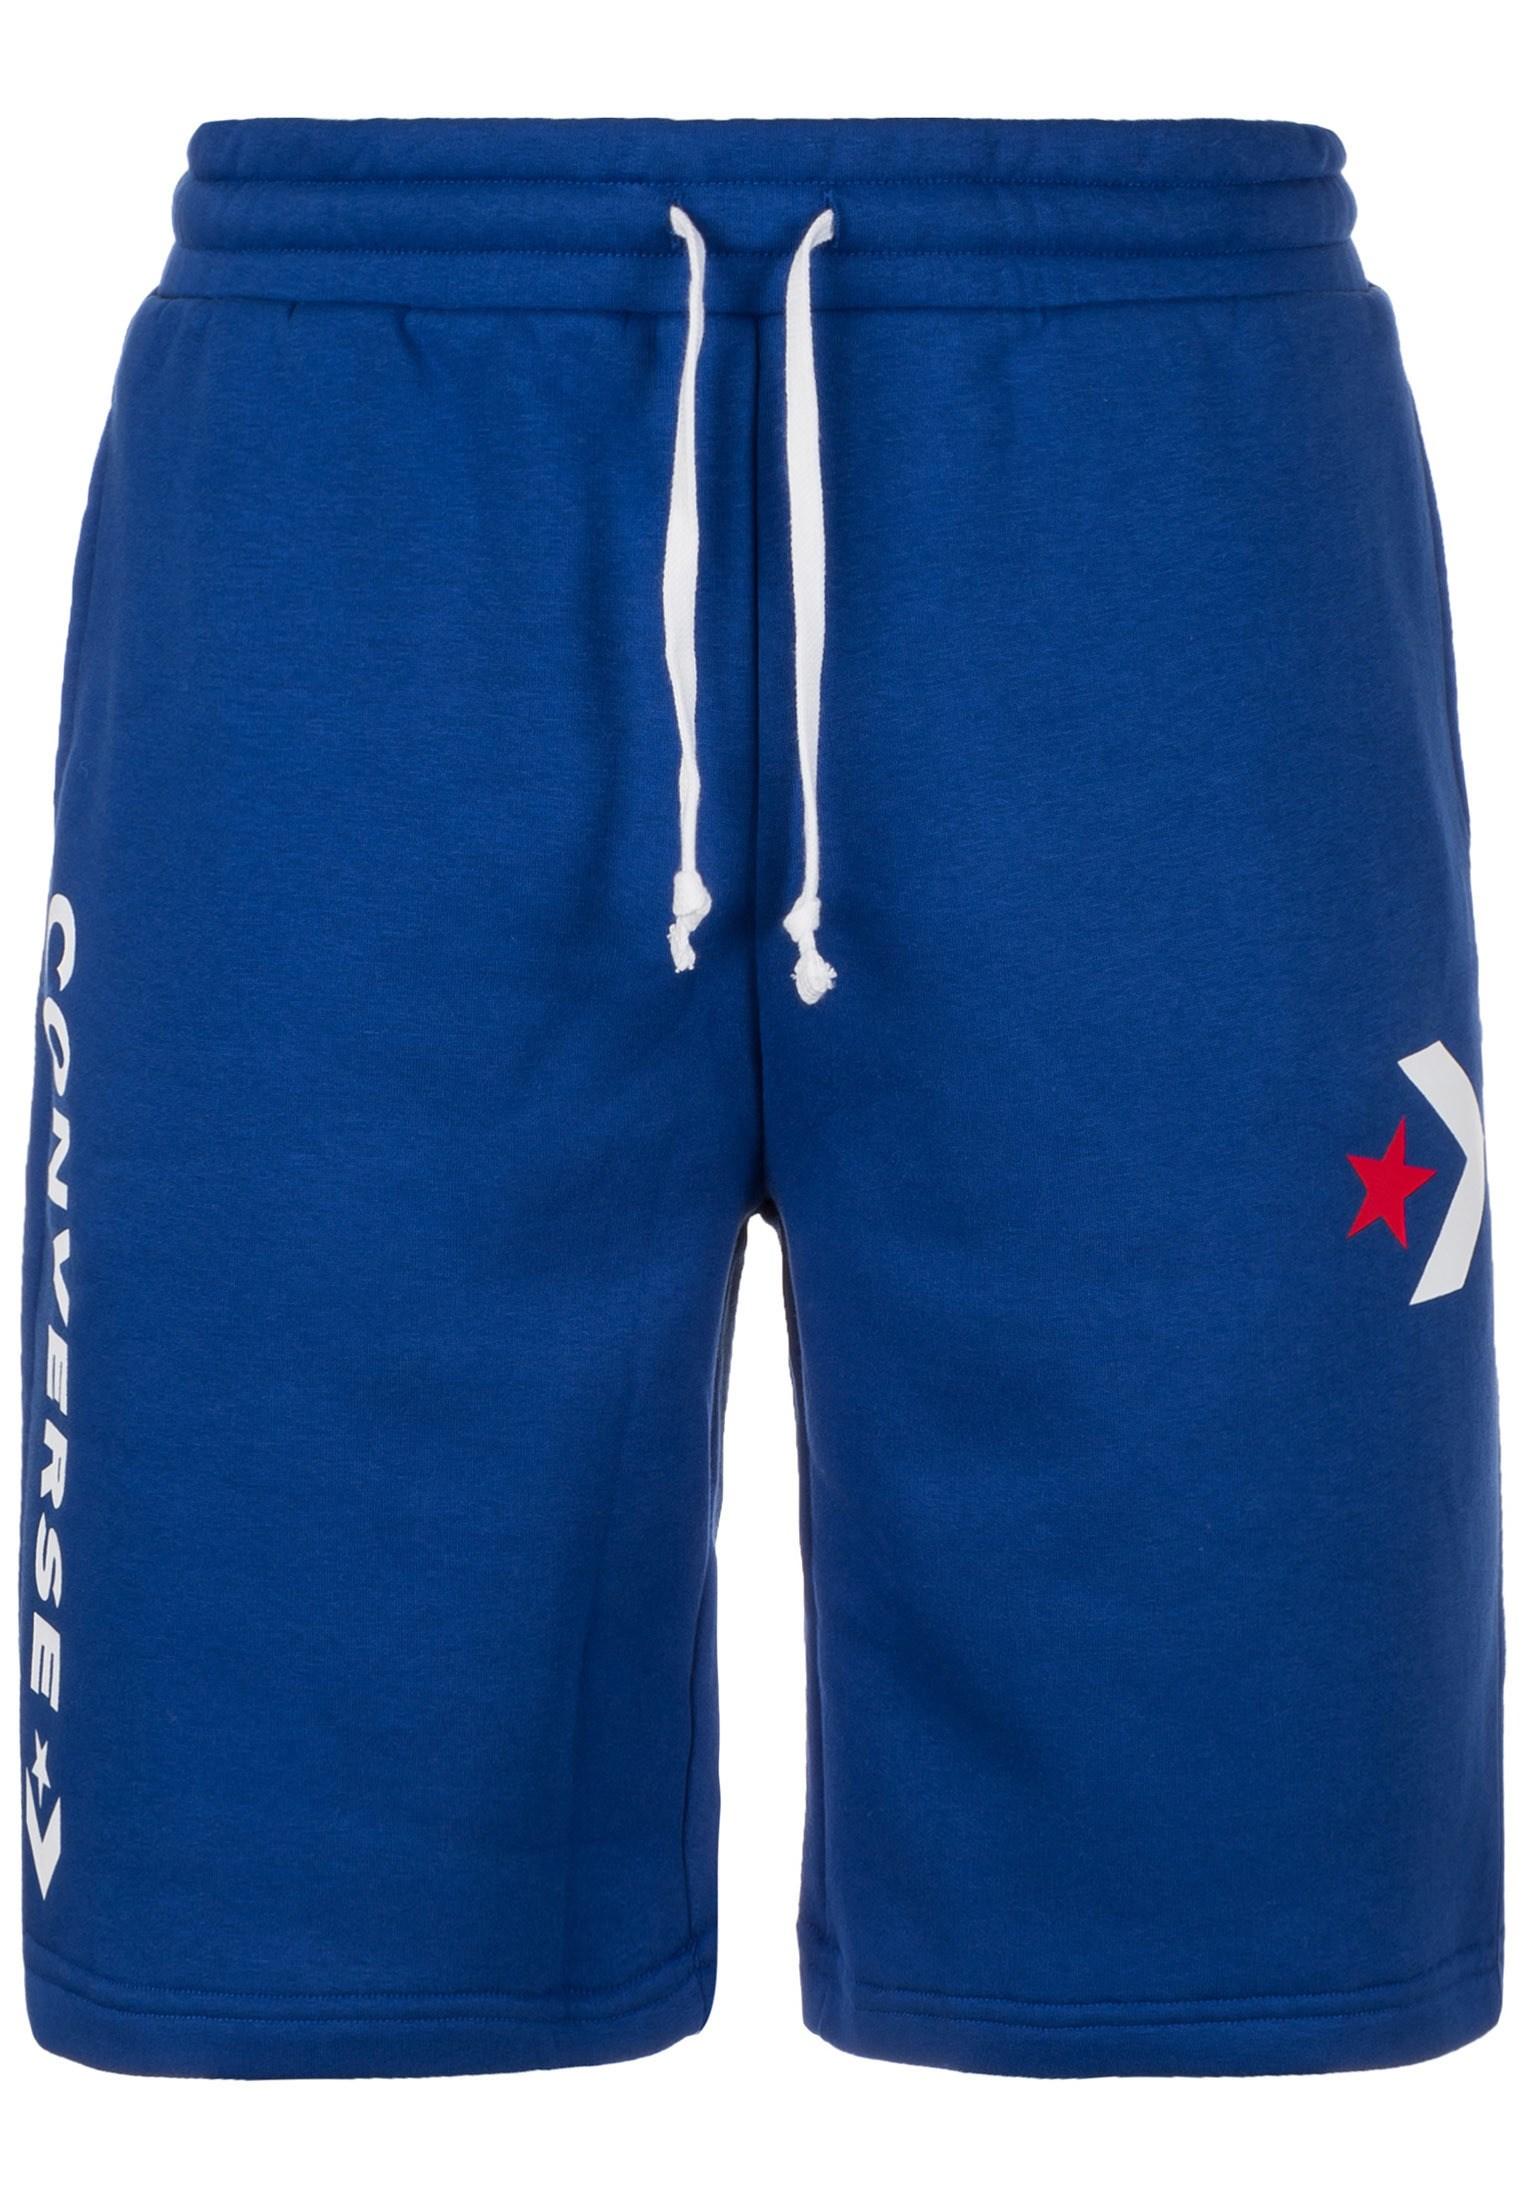 b9551179f5d CONVERSE Kalhoty  Star Chevron Graphic  modrá   světle červená ...